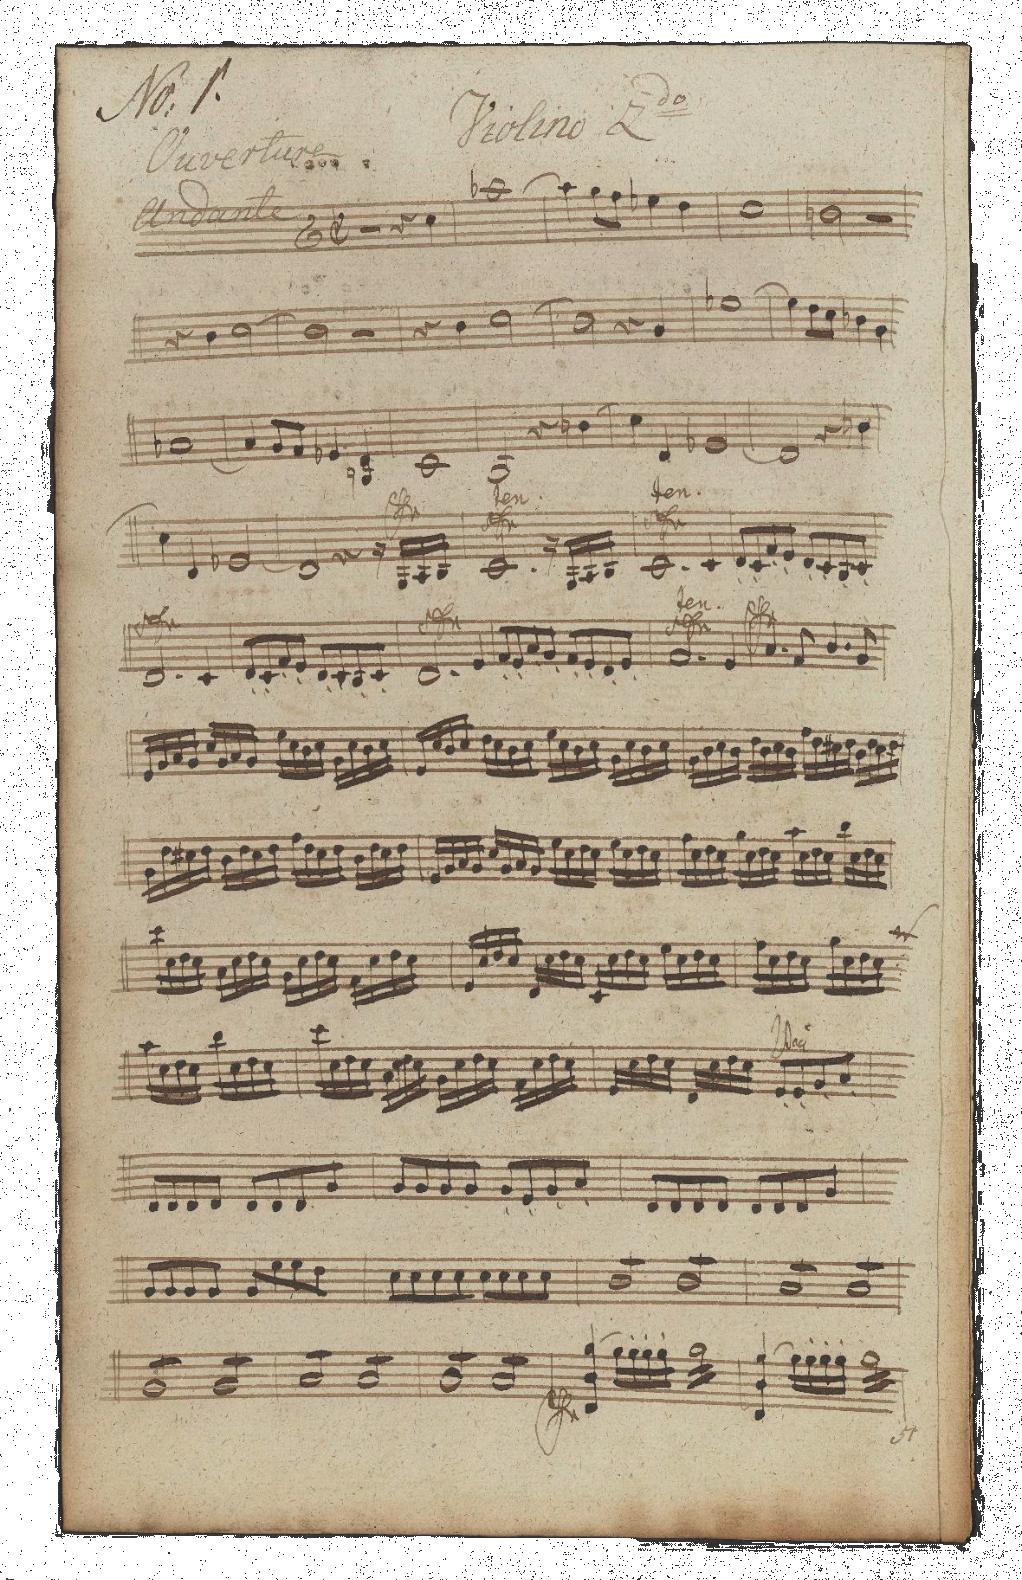 02_Violino secondo (1).png